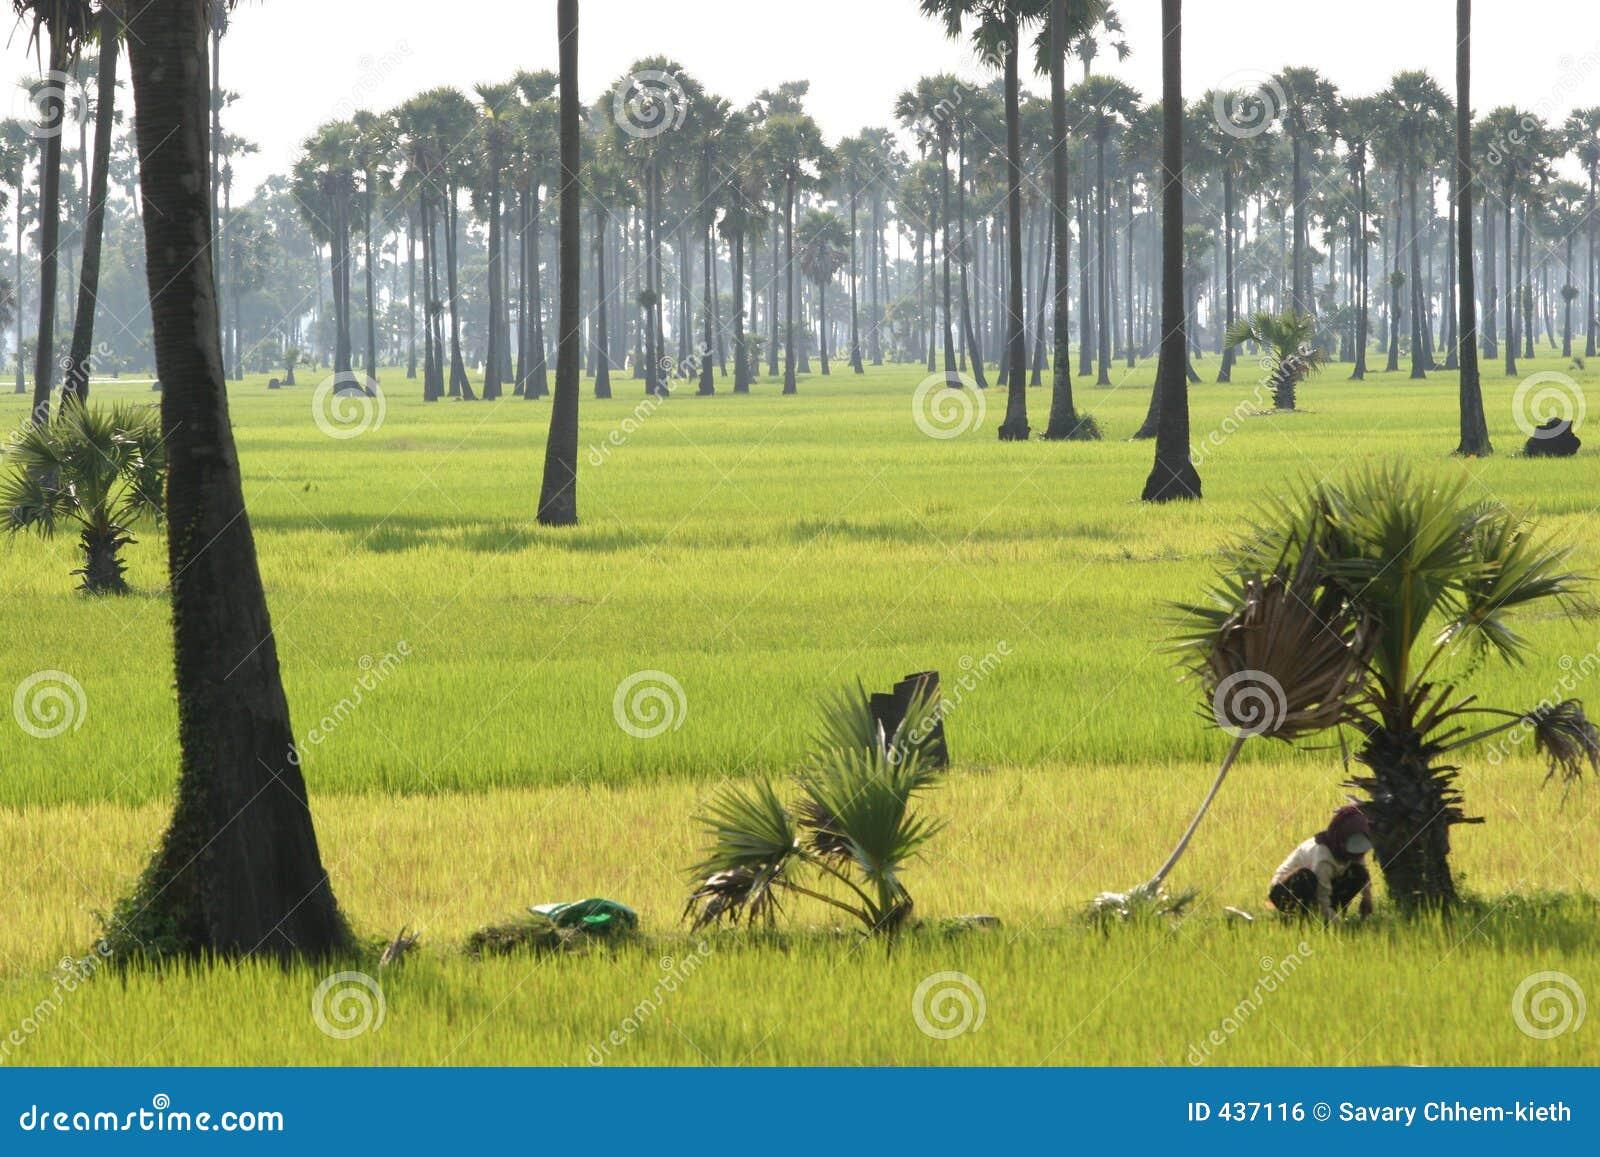 Srok Batheay, Cambogia 2005